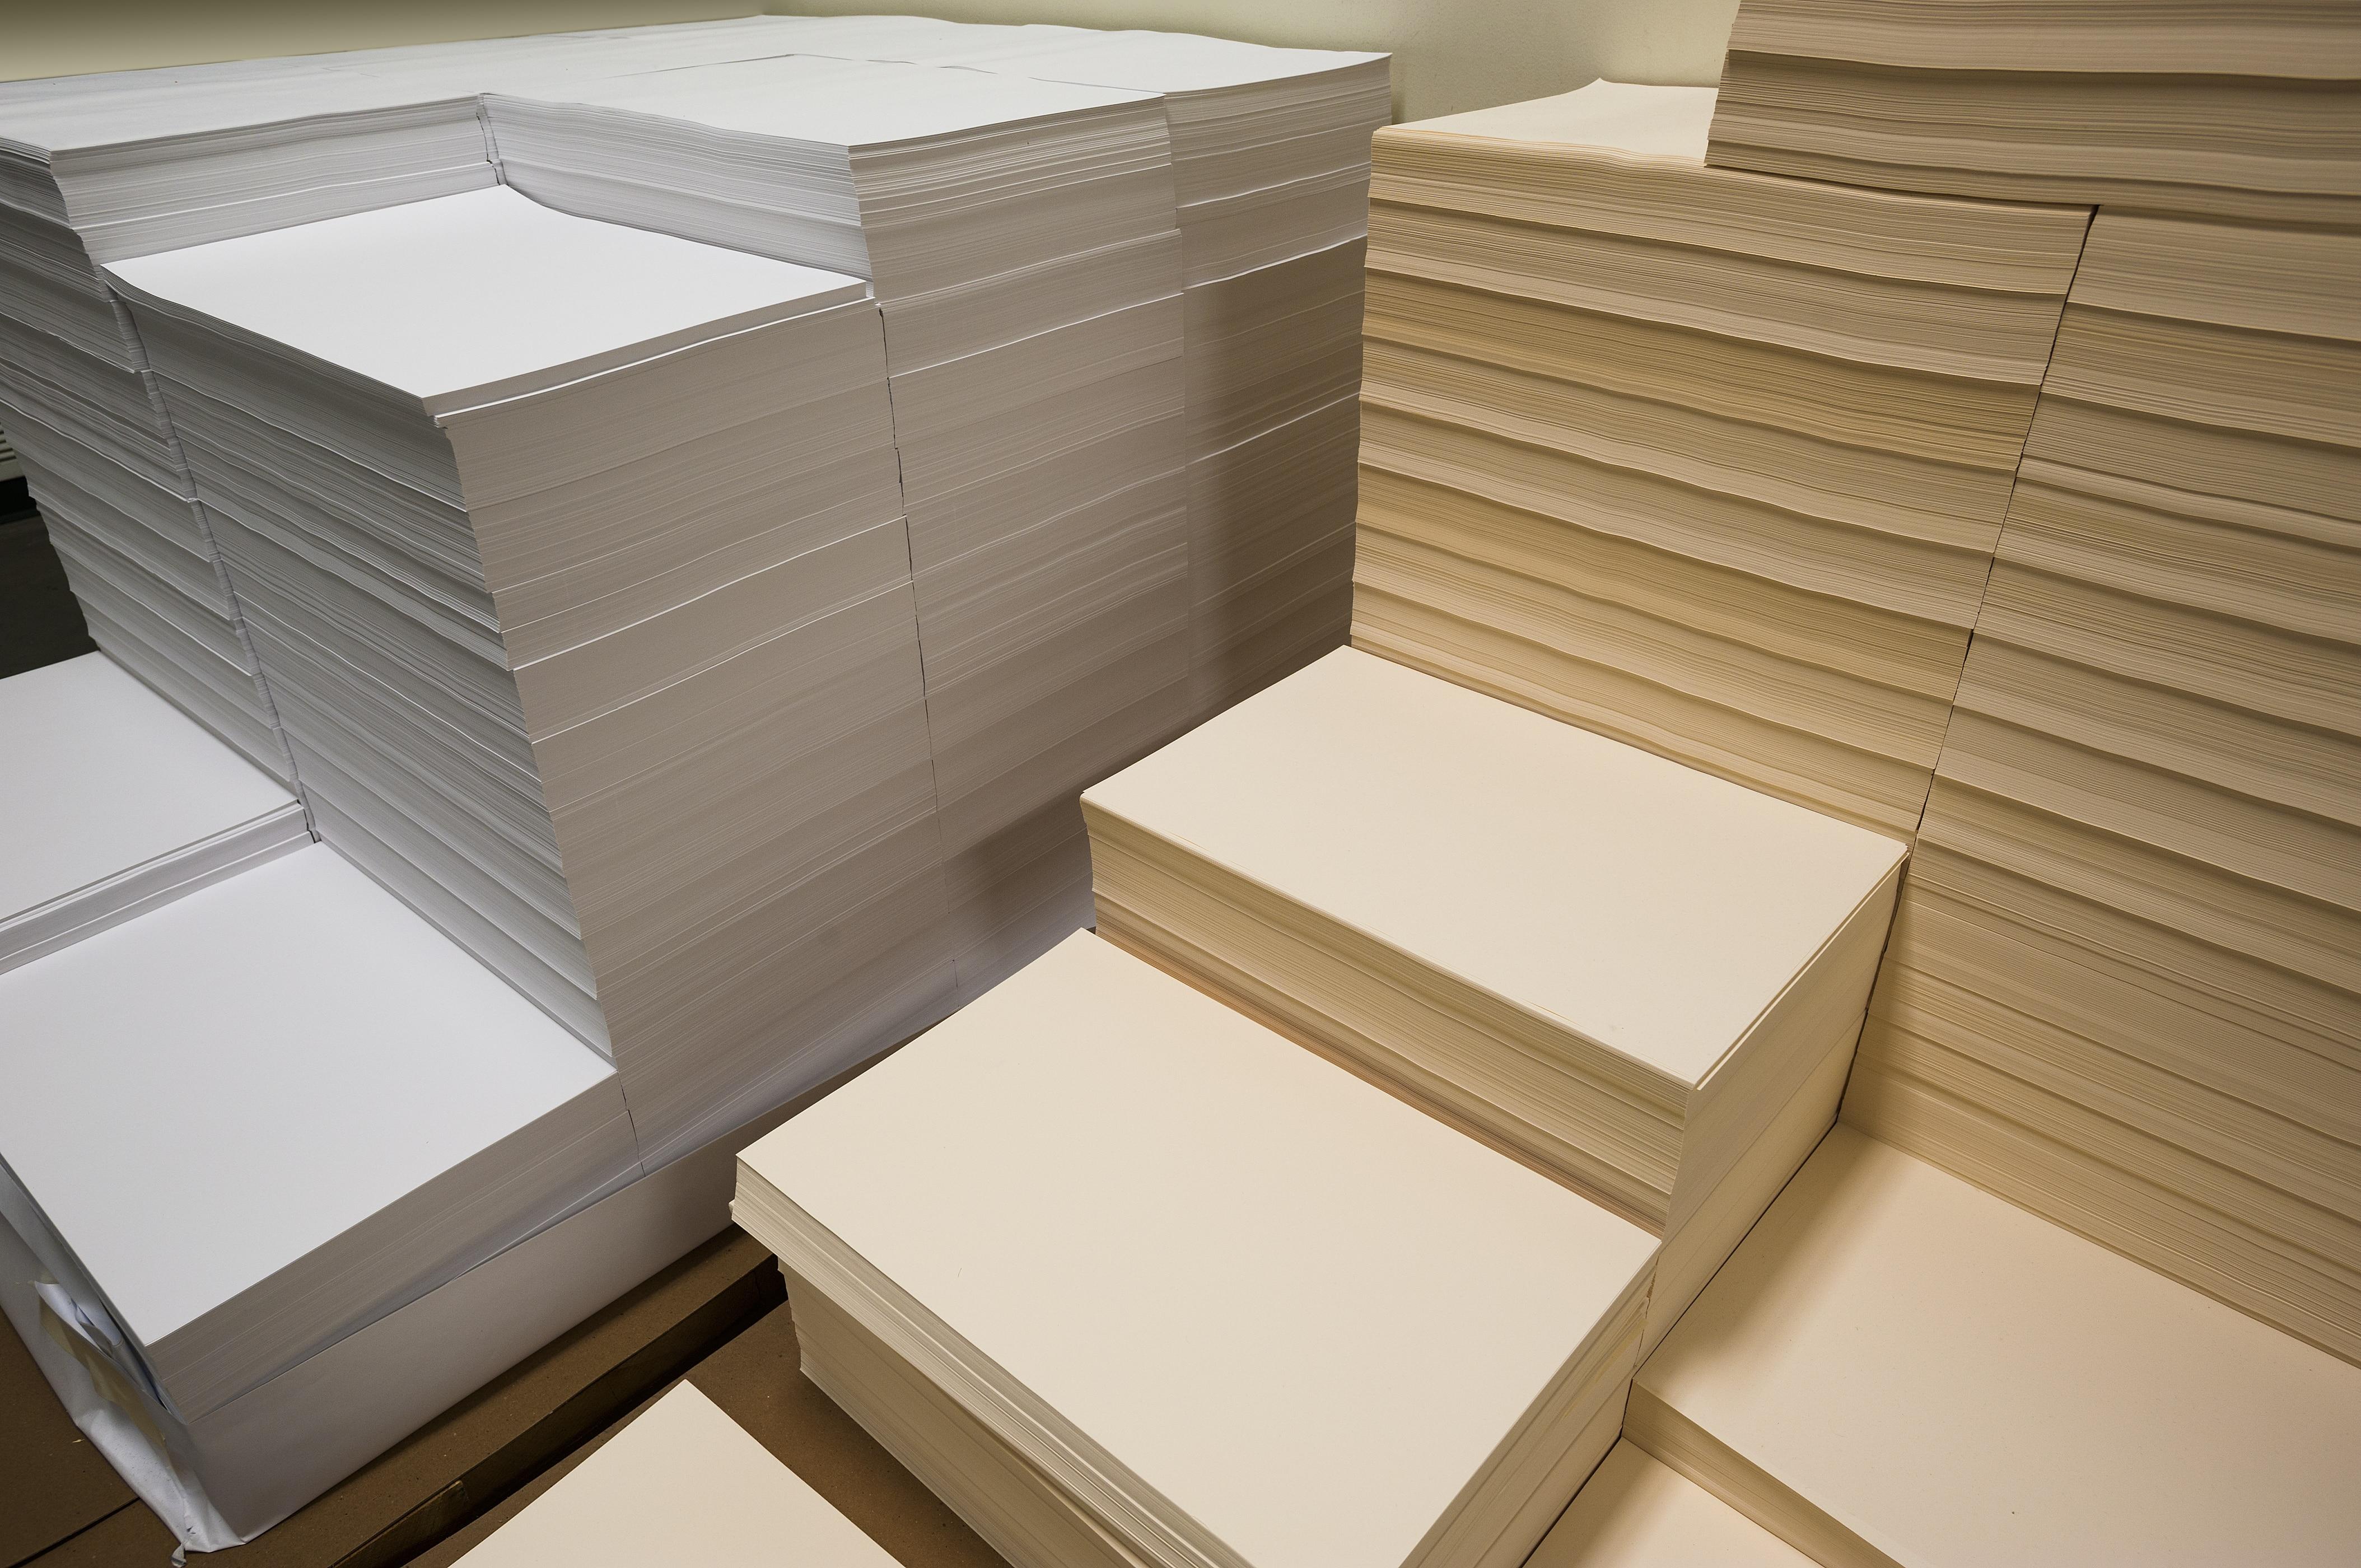 รับออกแบบบรรจุภัณฑ์ กระดาษแบงค์สี มีอยู่ขนาดเดียว